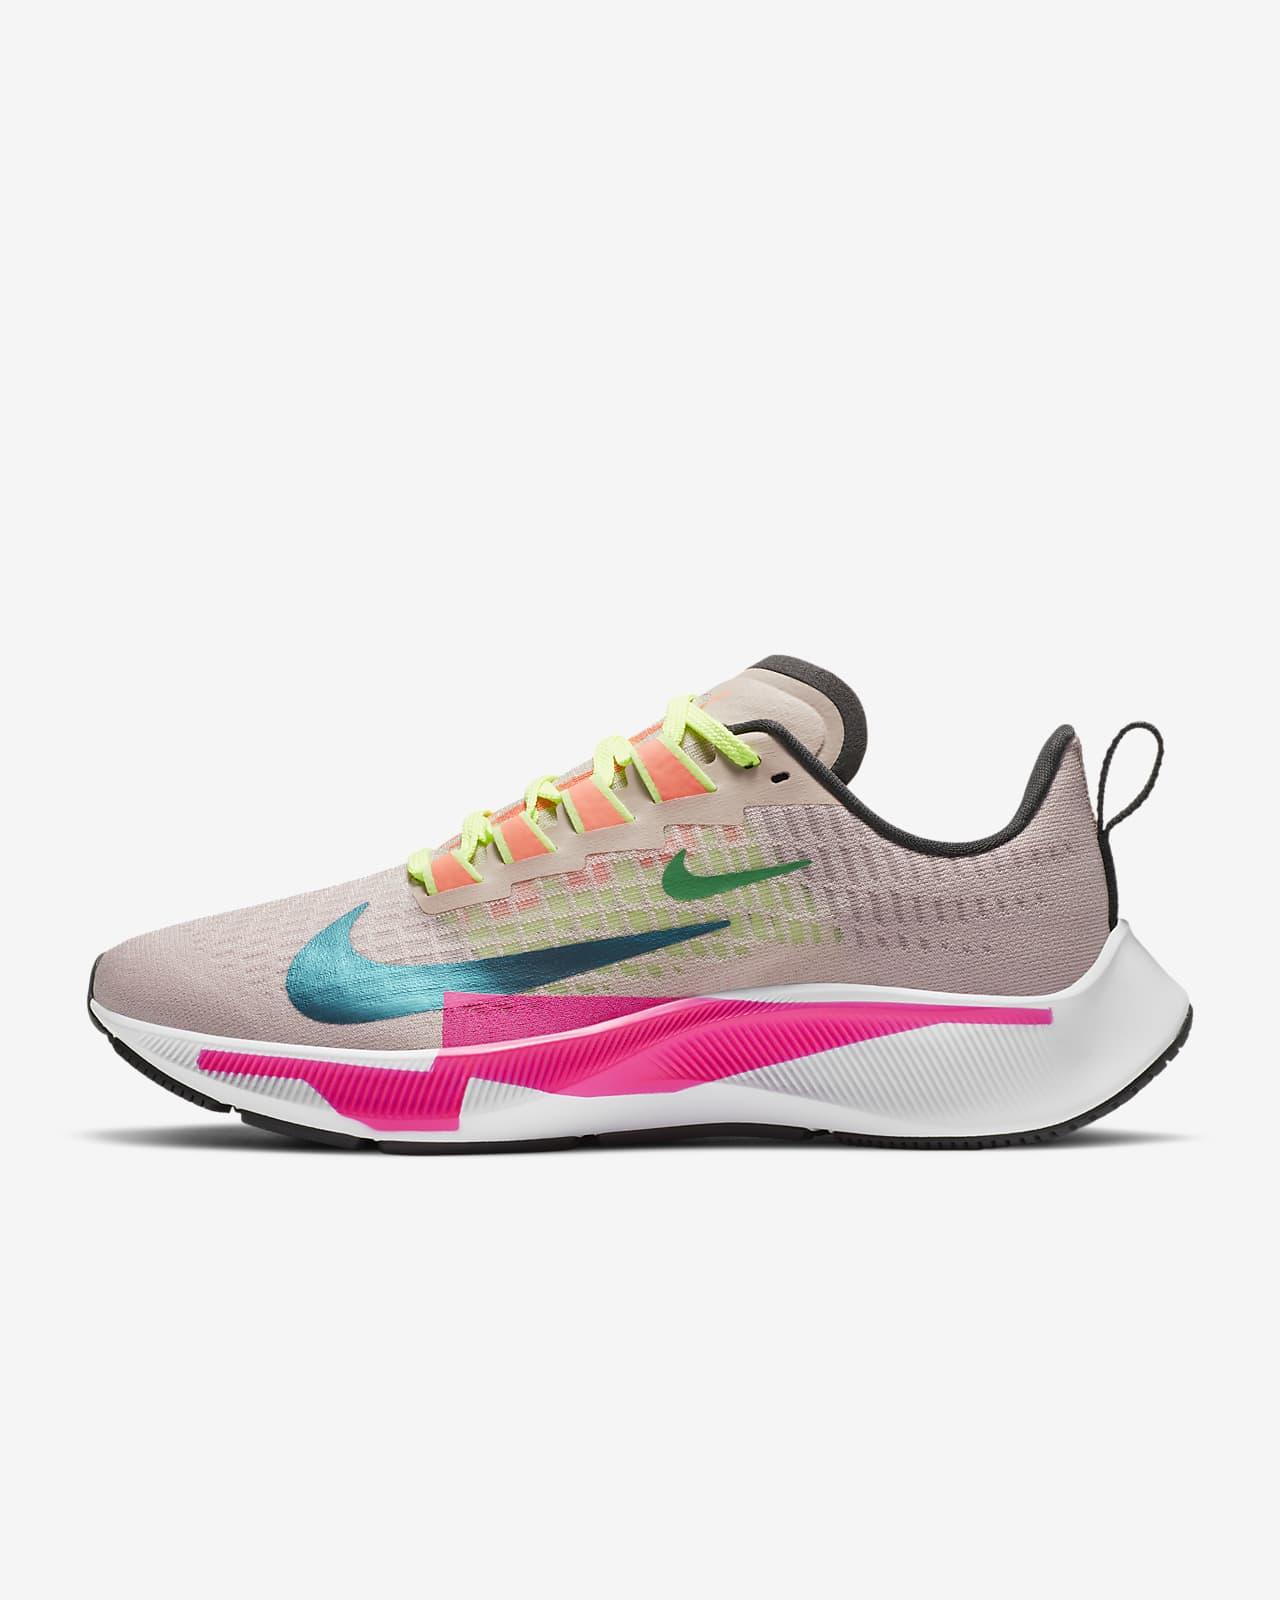 Nike Air Zoom Pegasus 37 Premium Damen-Laufschuh